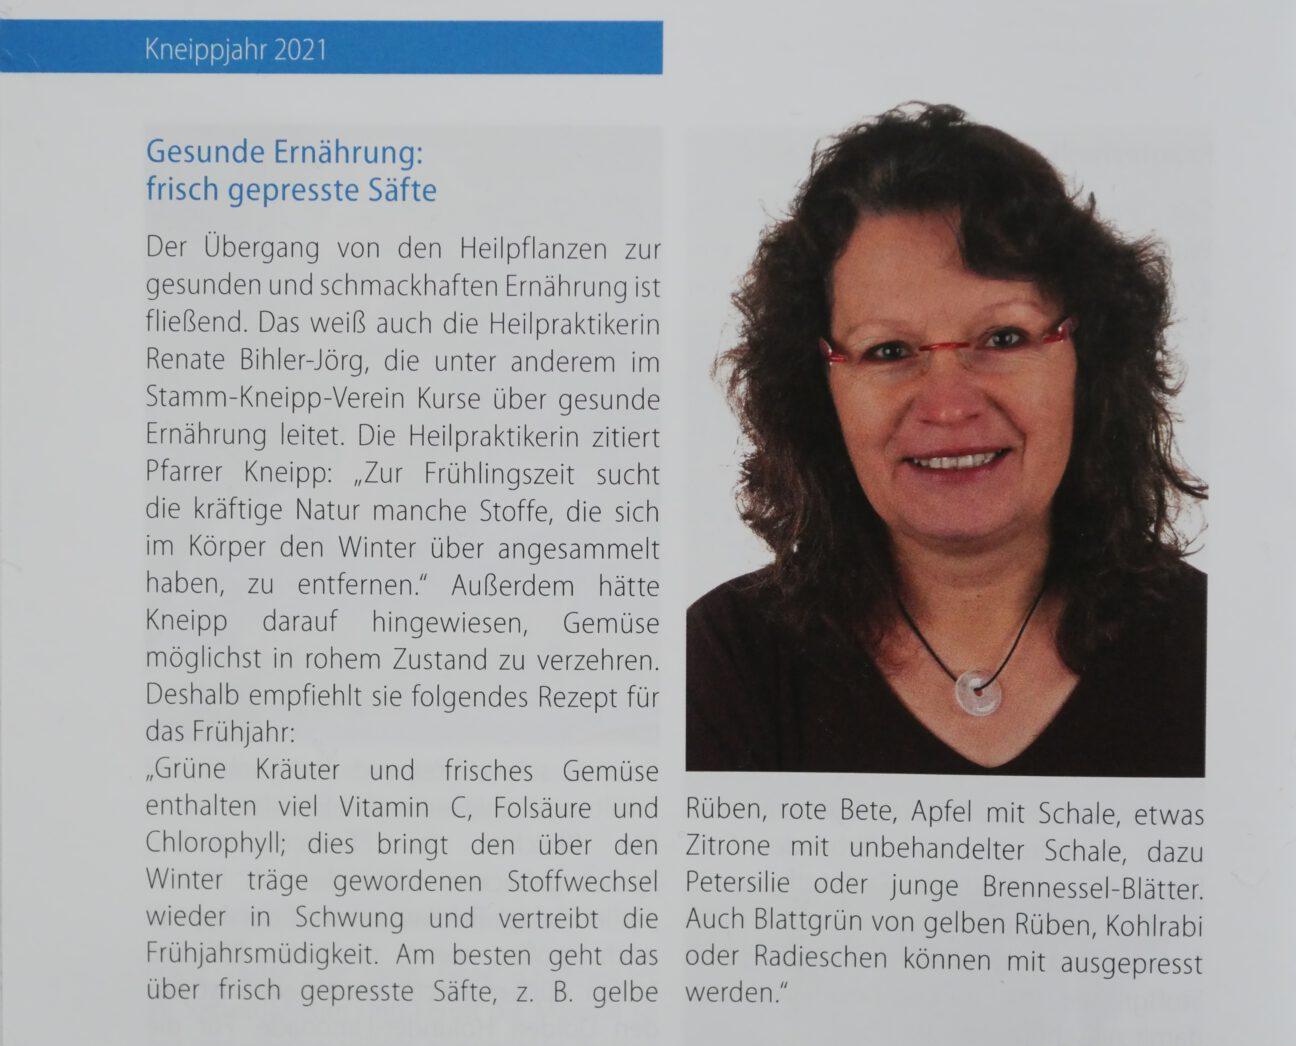 Gesunde Ernährung, frisch gepresste Säfte. Vorträge von Heilpraktikerin Renate Bihler-Jörg im Kneipp-Jahr 2021.